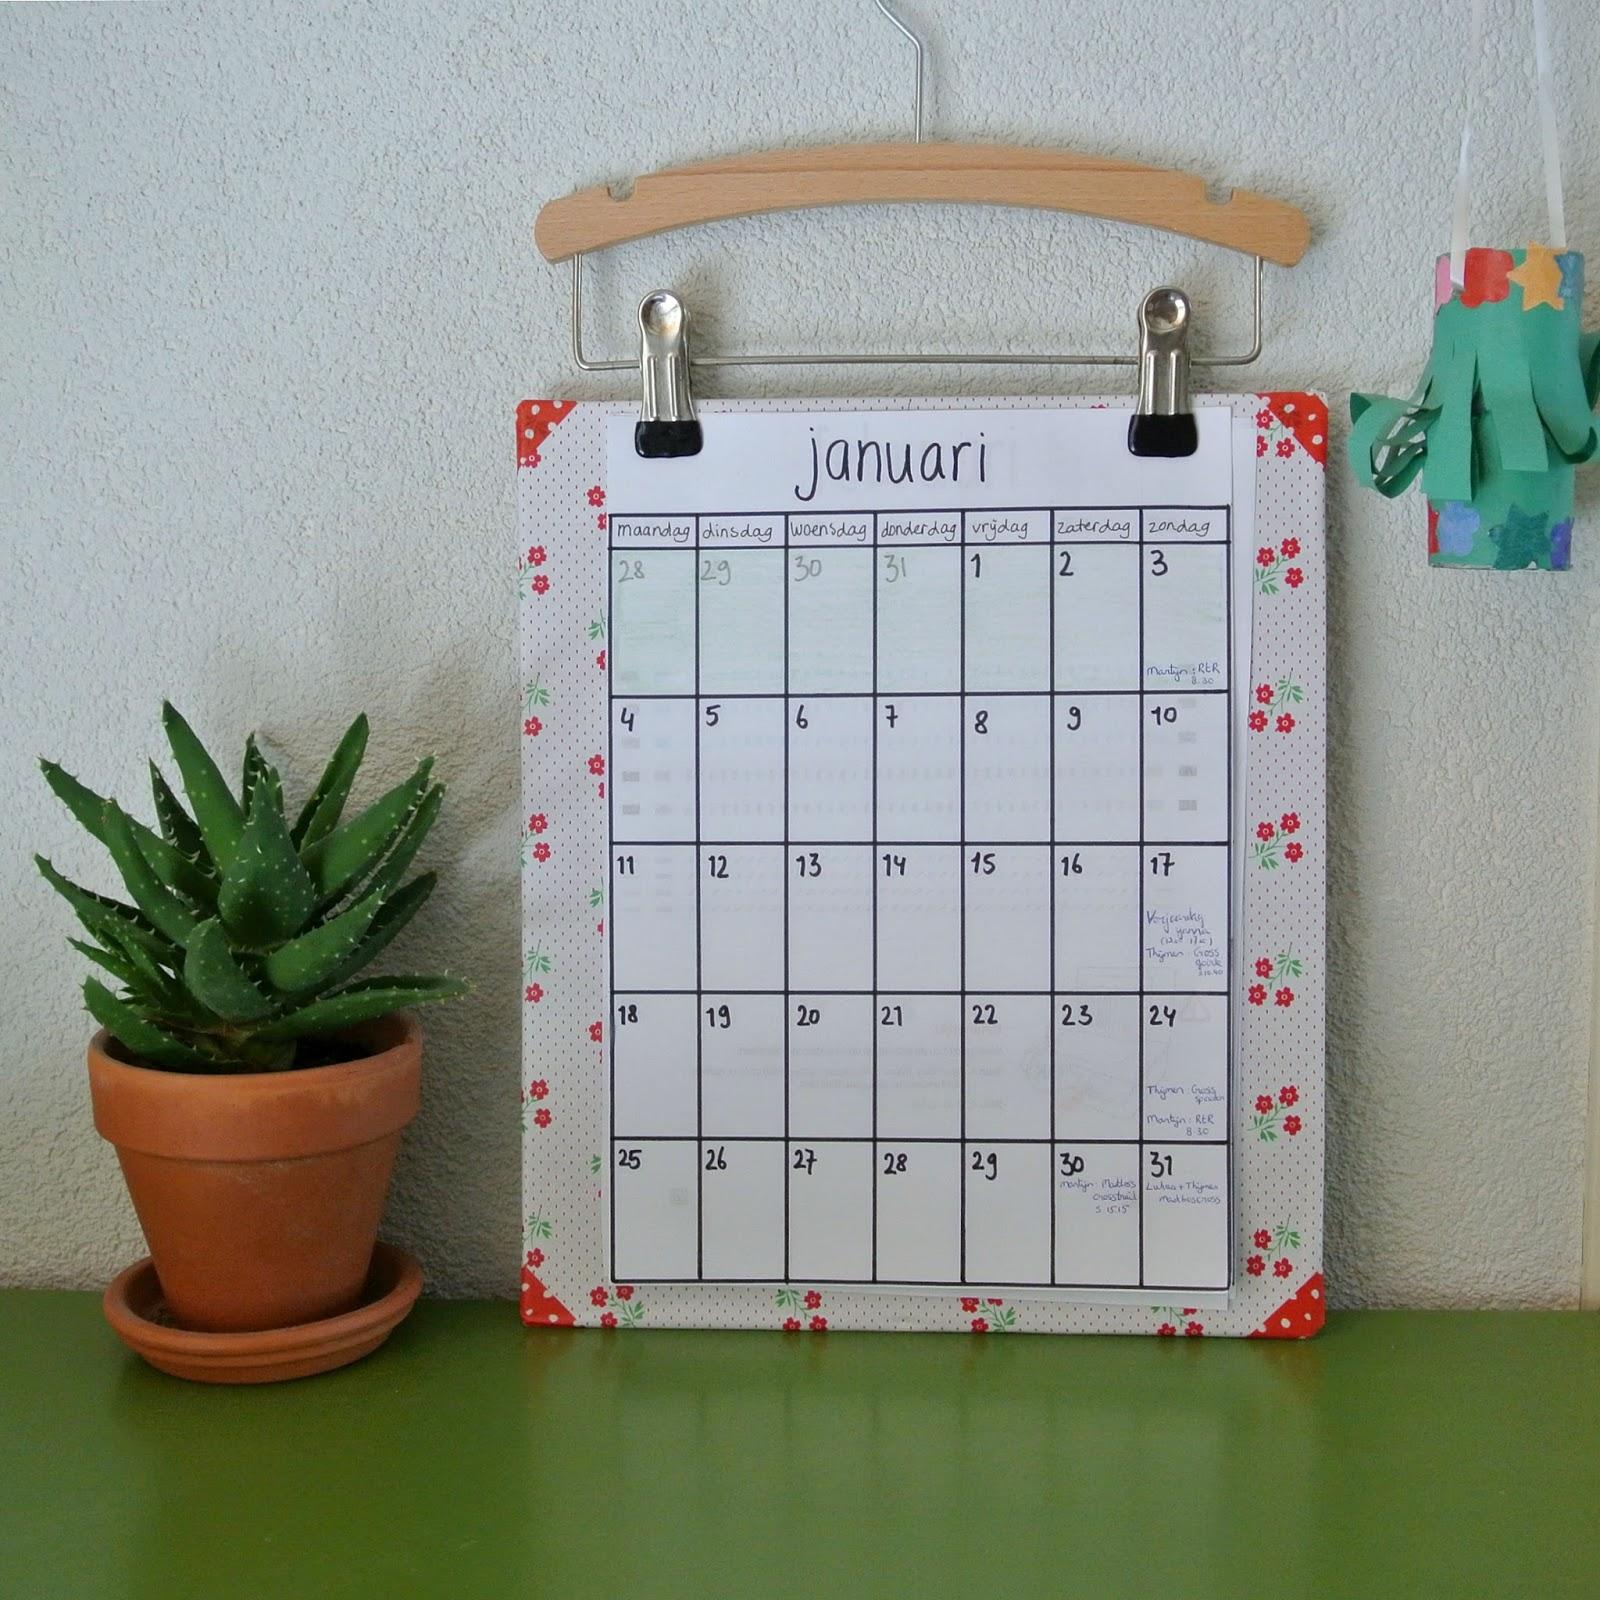 Fabulous Zelf Kalender Maken Knutselen | Kalender &TB65